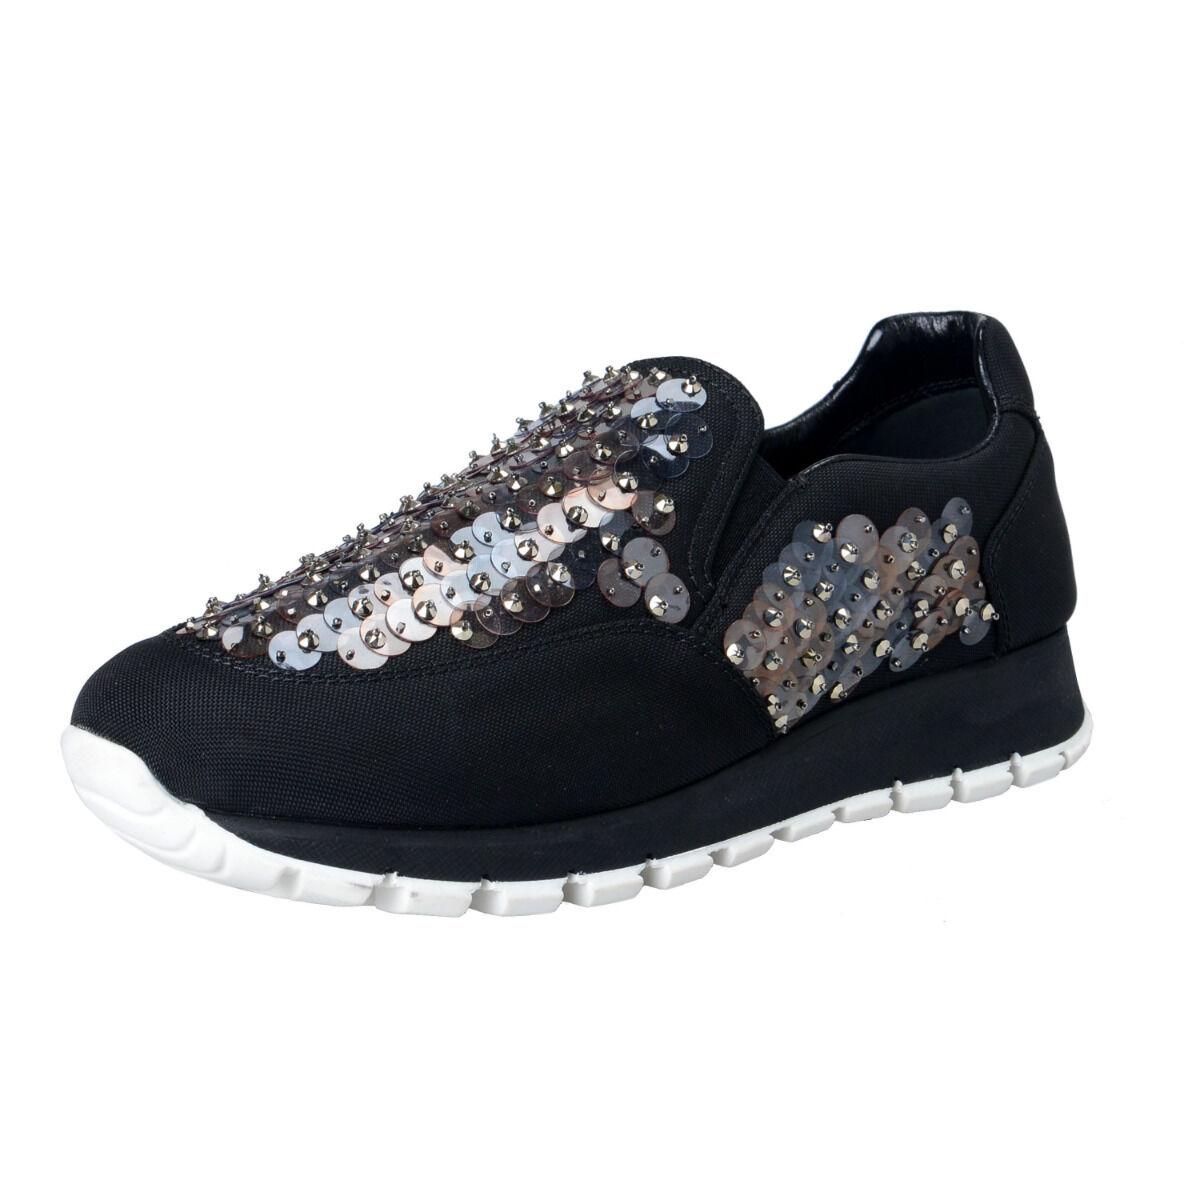 Prada Femmes Sequin Décorées Mocassins Chaussures à Enfiler Sz 5 6 9 10